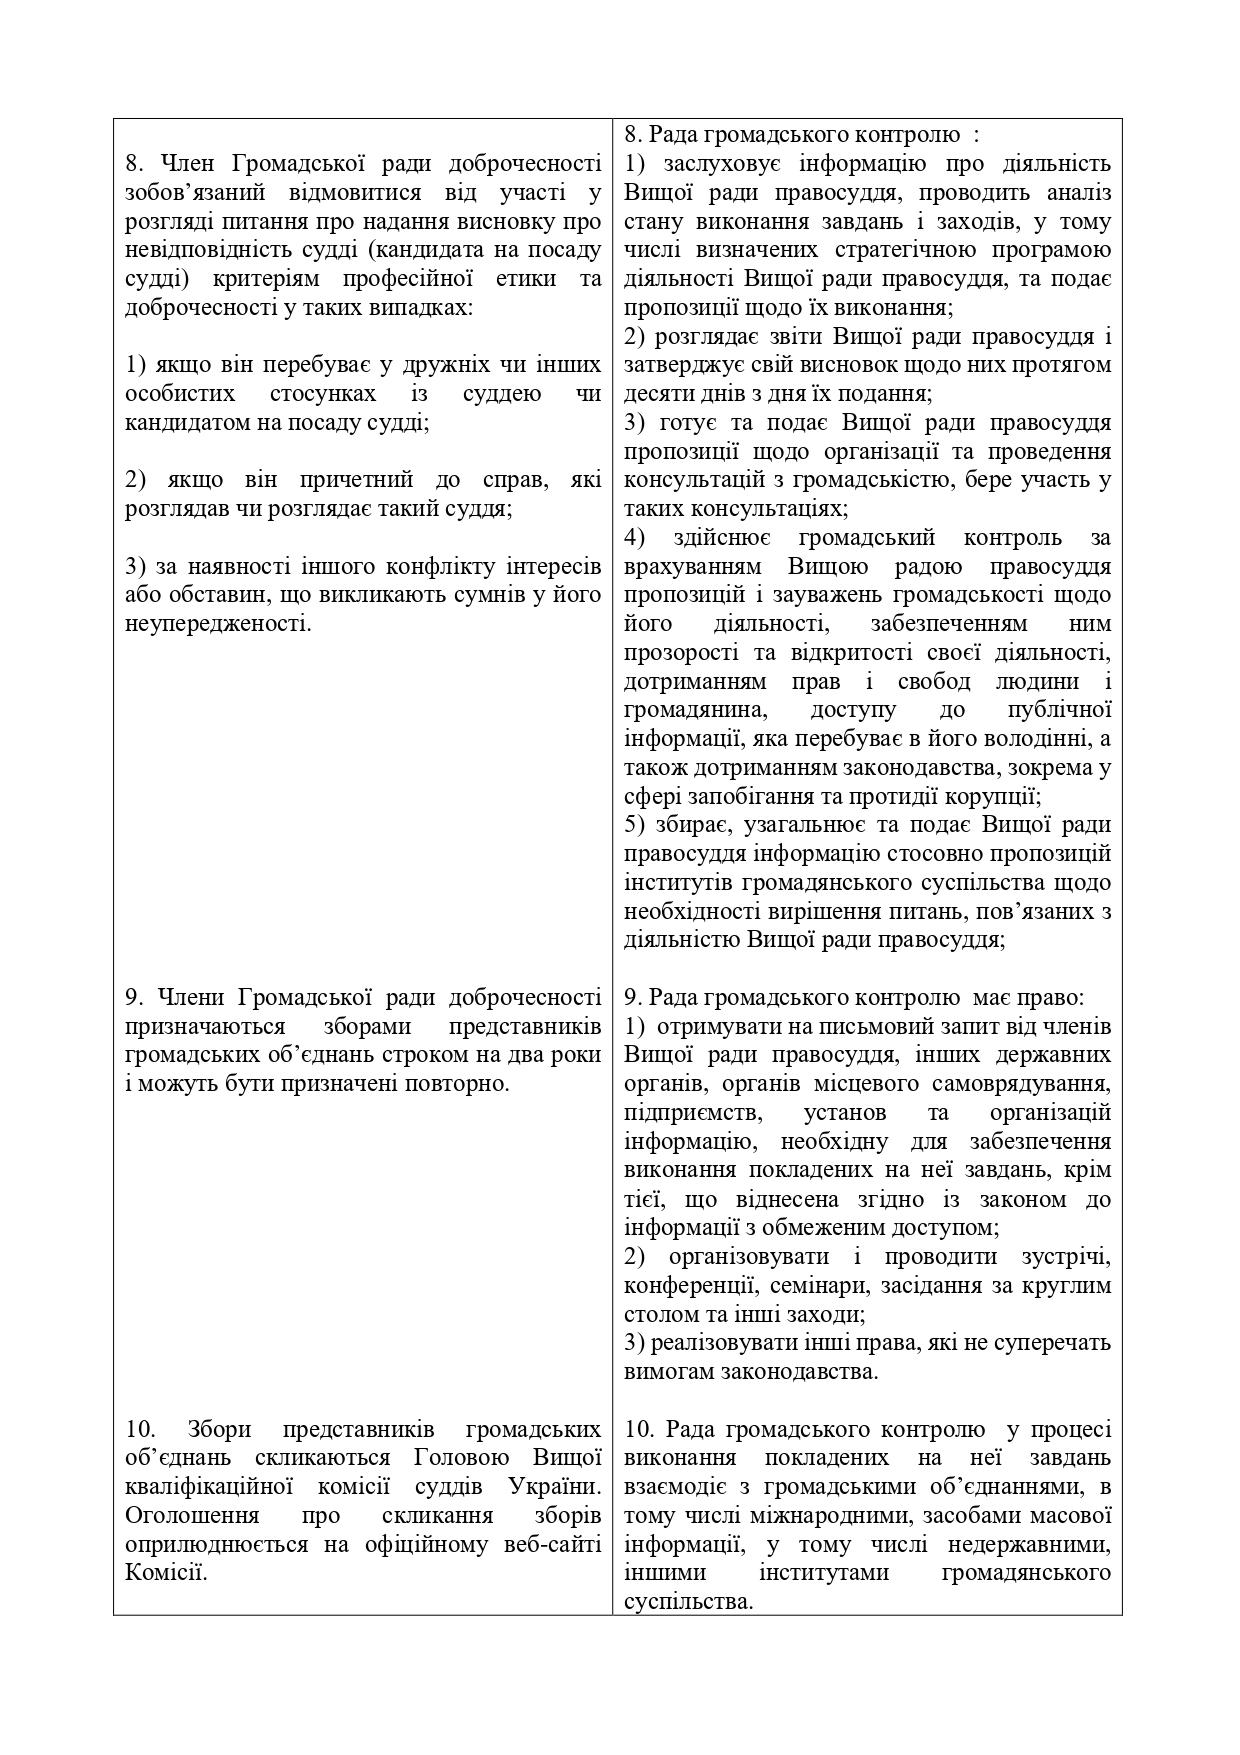 Висновок-АРССУ-щодо-№ 3534-21.07.2020_page-0023